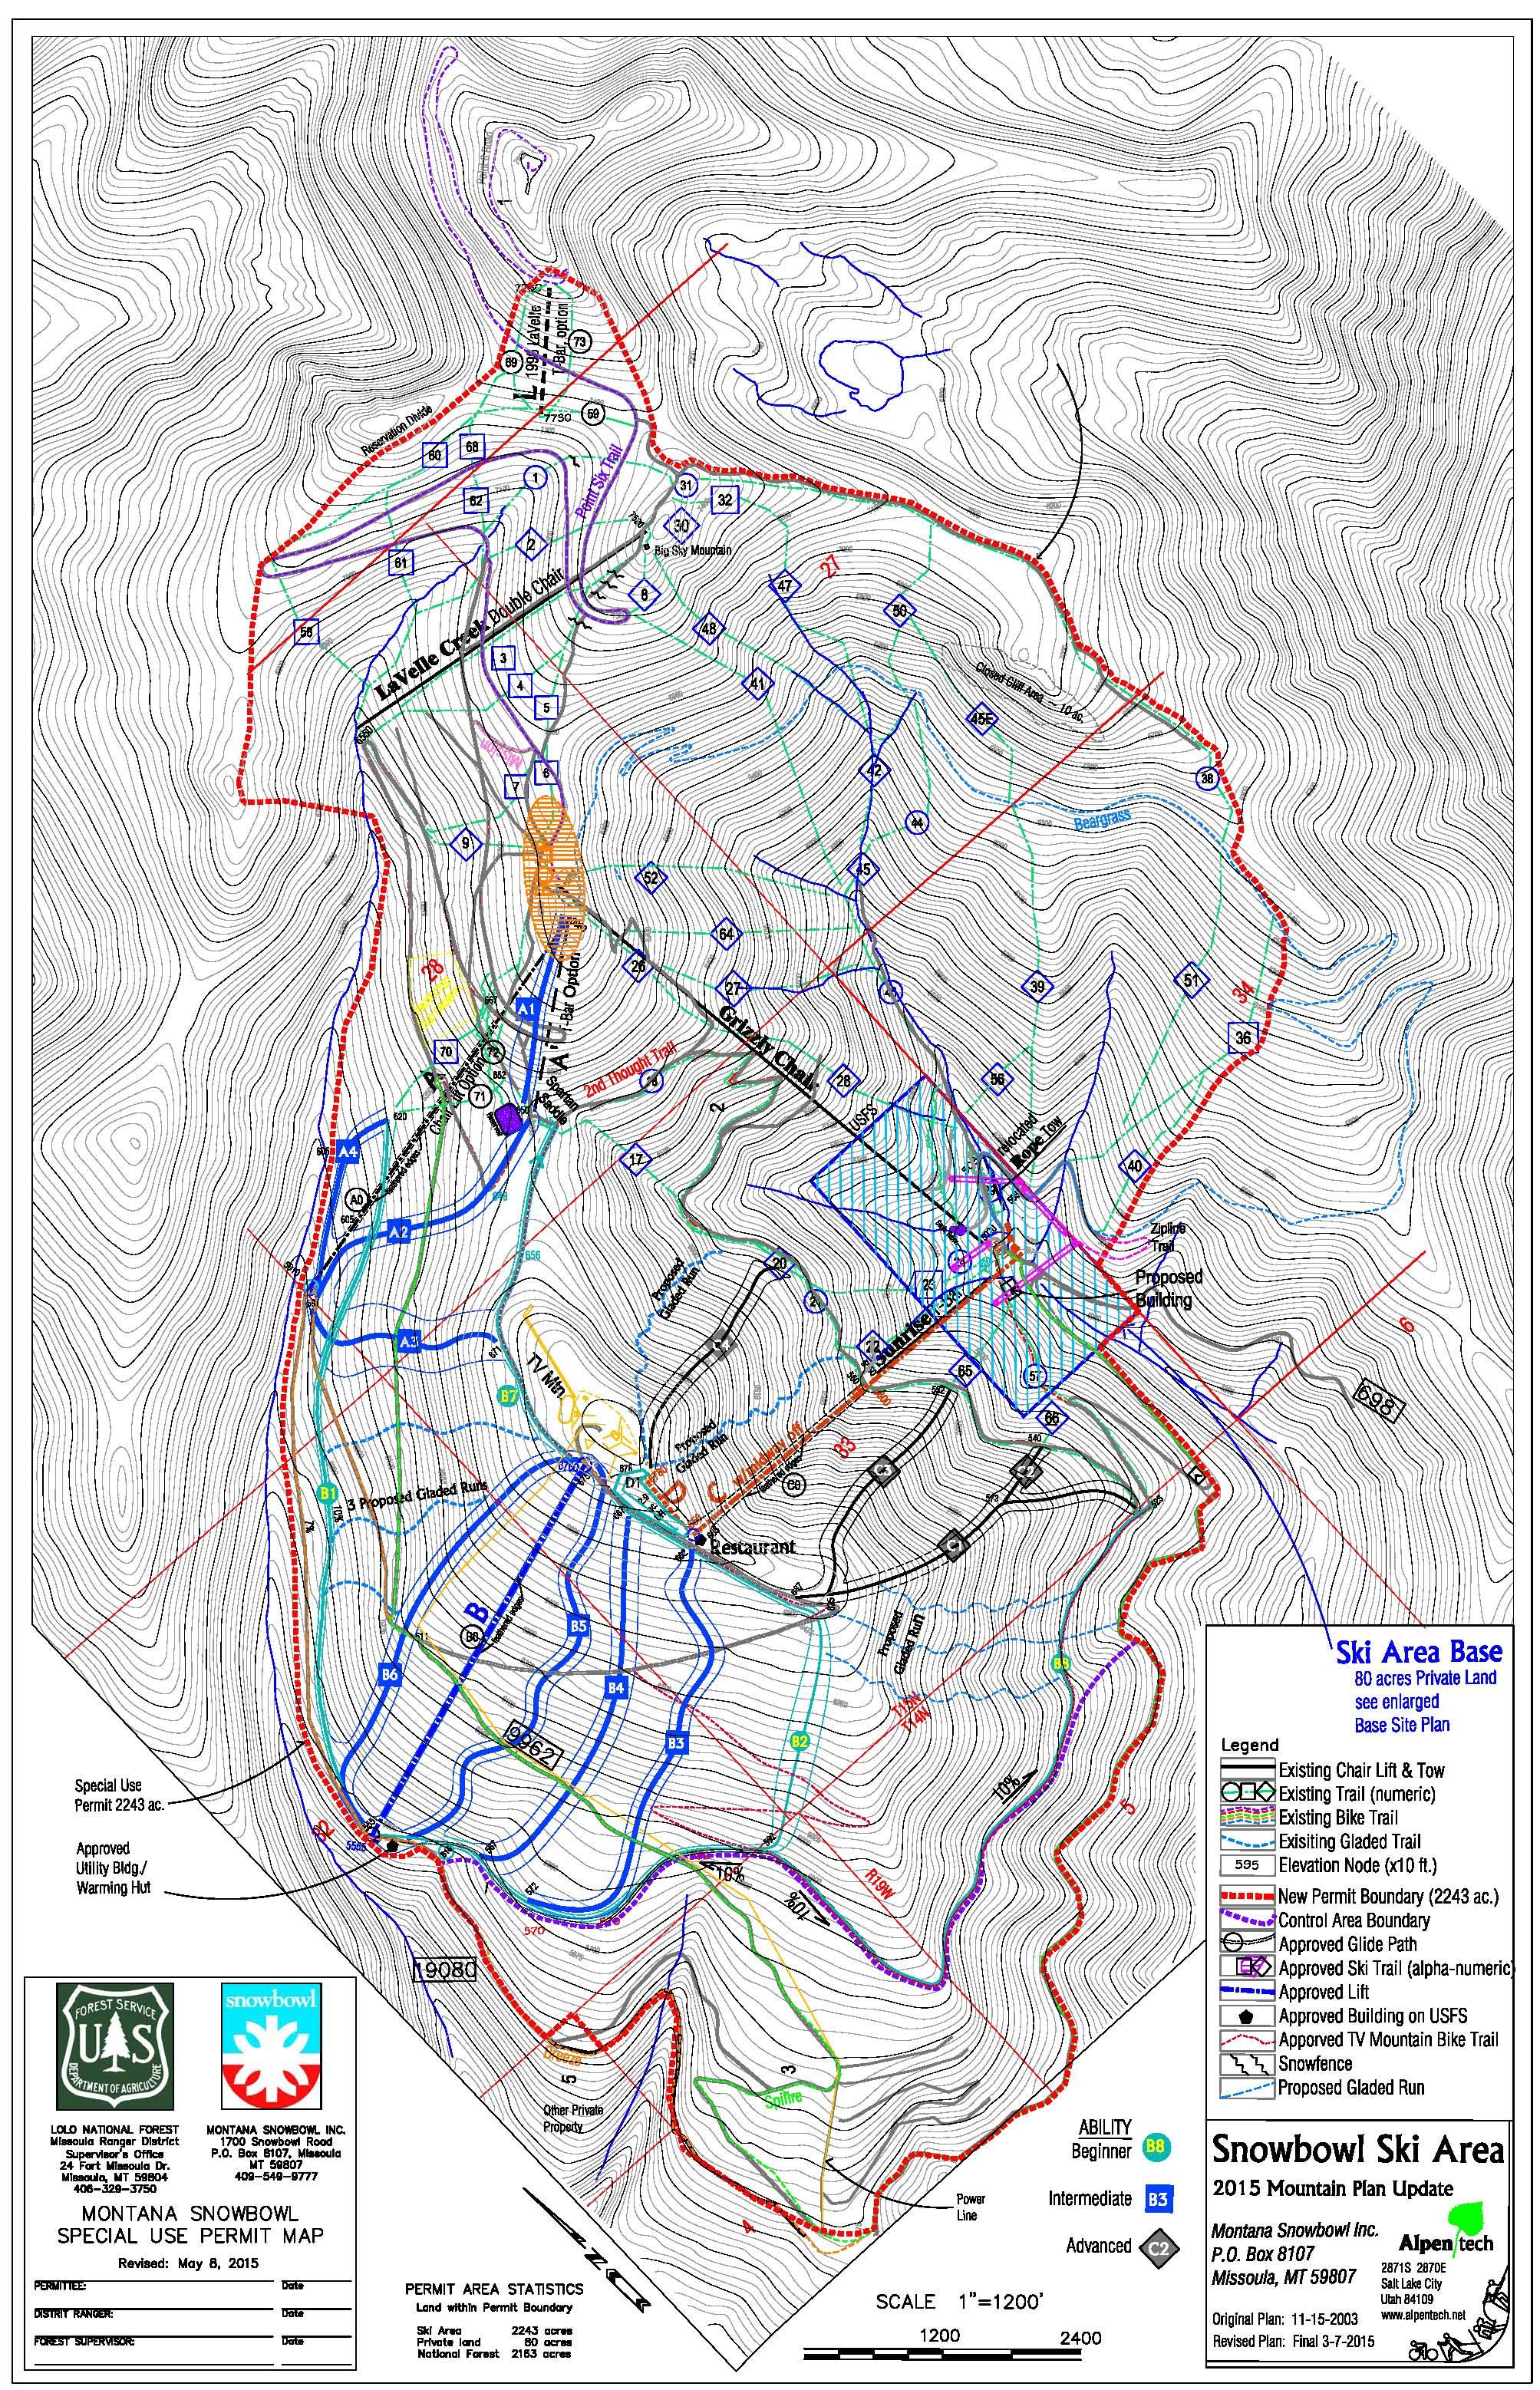 mdp-5-8-2015 Snowbowl Map on flagstaff ski bowl map, lost trail map, whitefish mountain resort map, flagstaff az map, bridger bowl map, the arizona trail map,